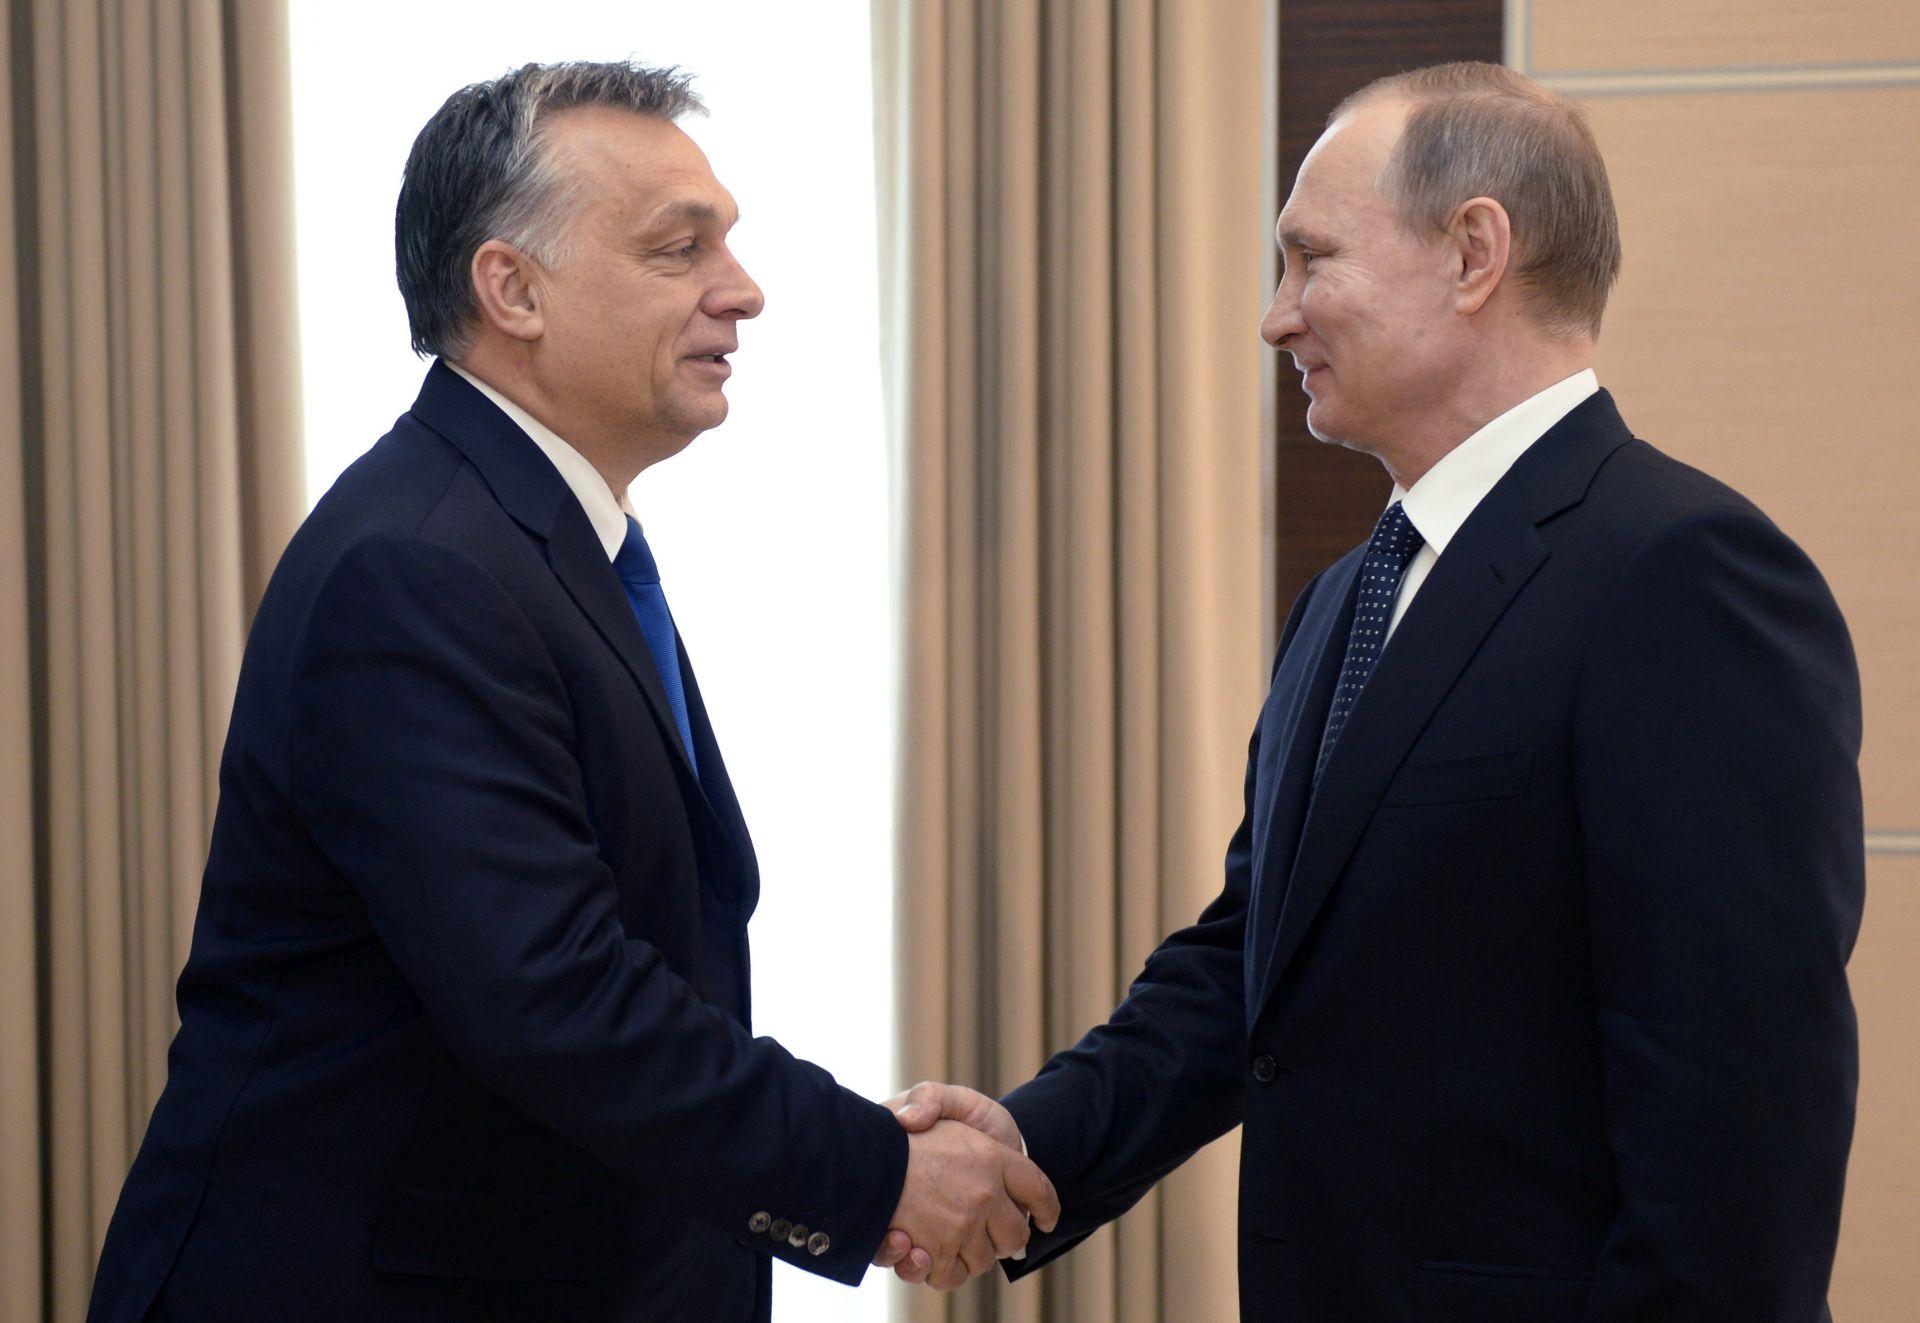 Putin danas u Mađarskoj, svojoj prvoj europskoj saveznici